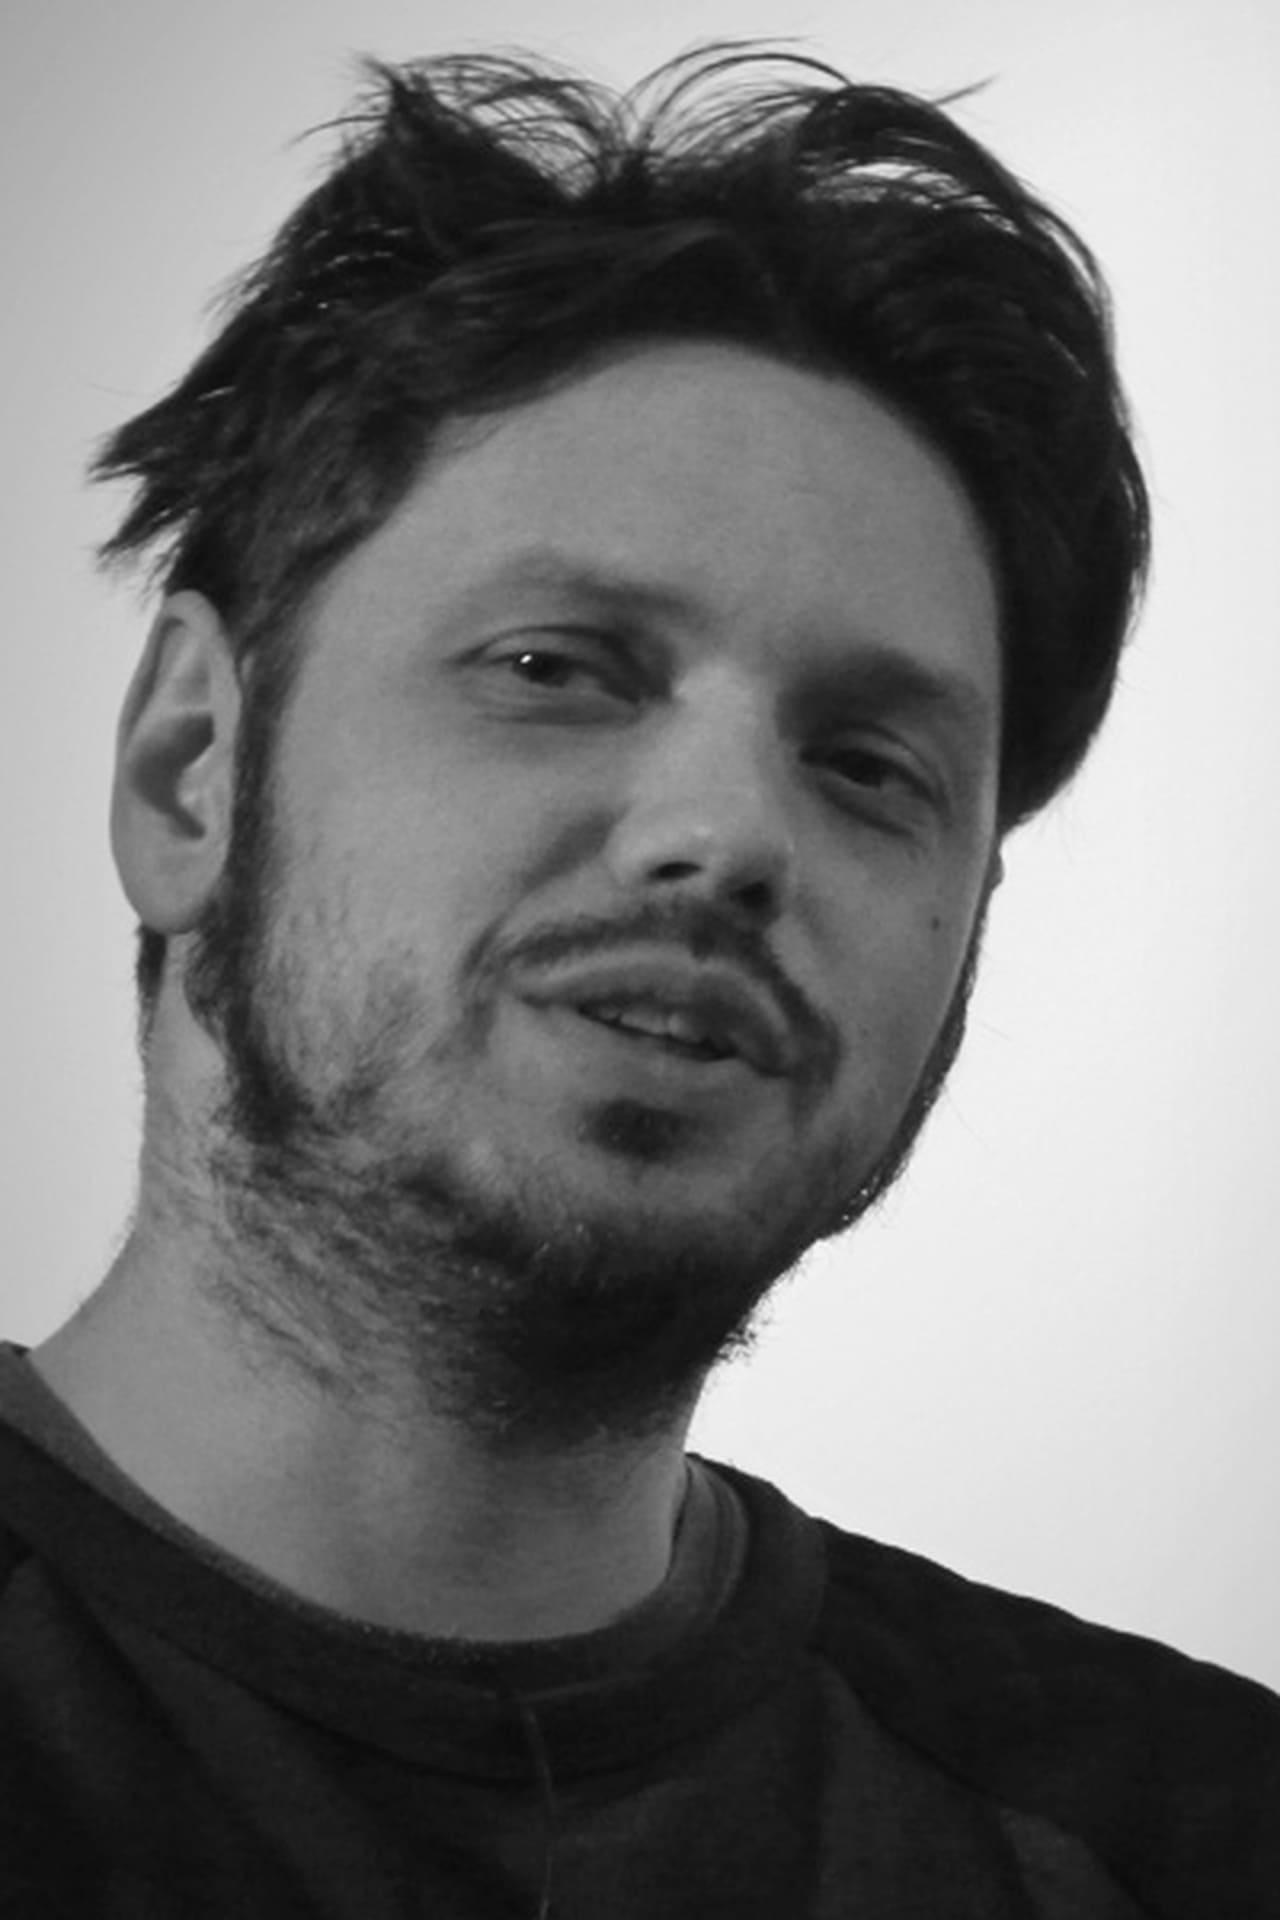 Radek Ładczuk